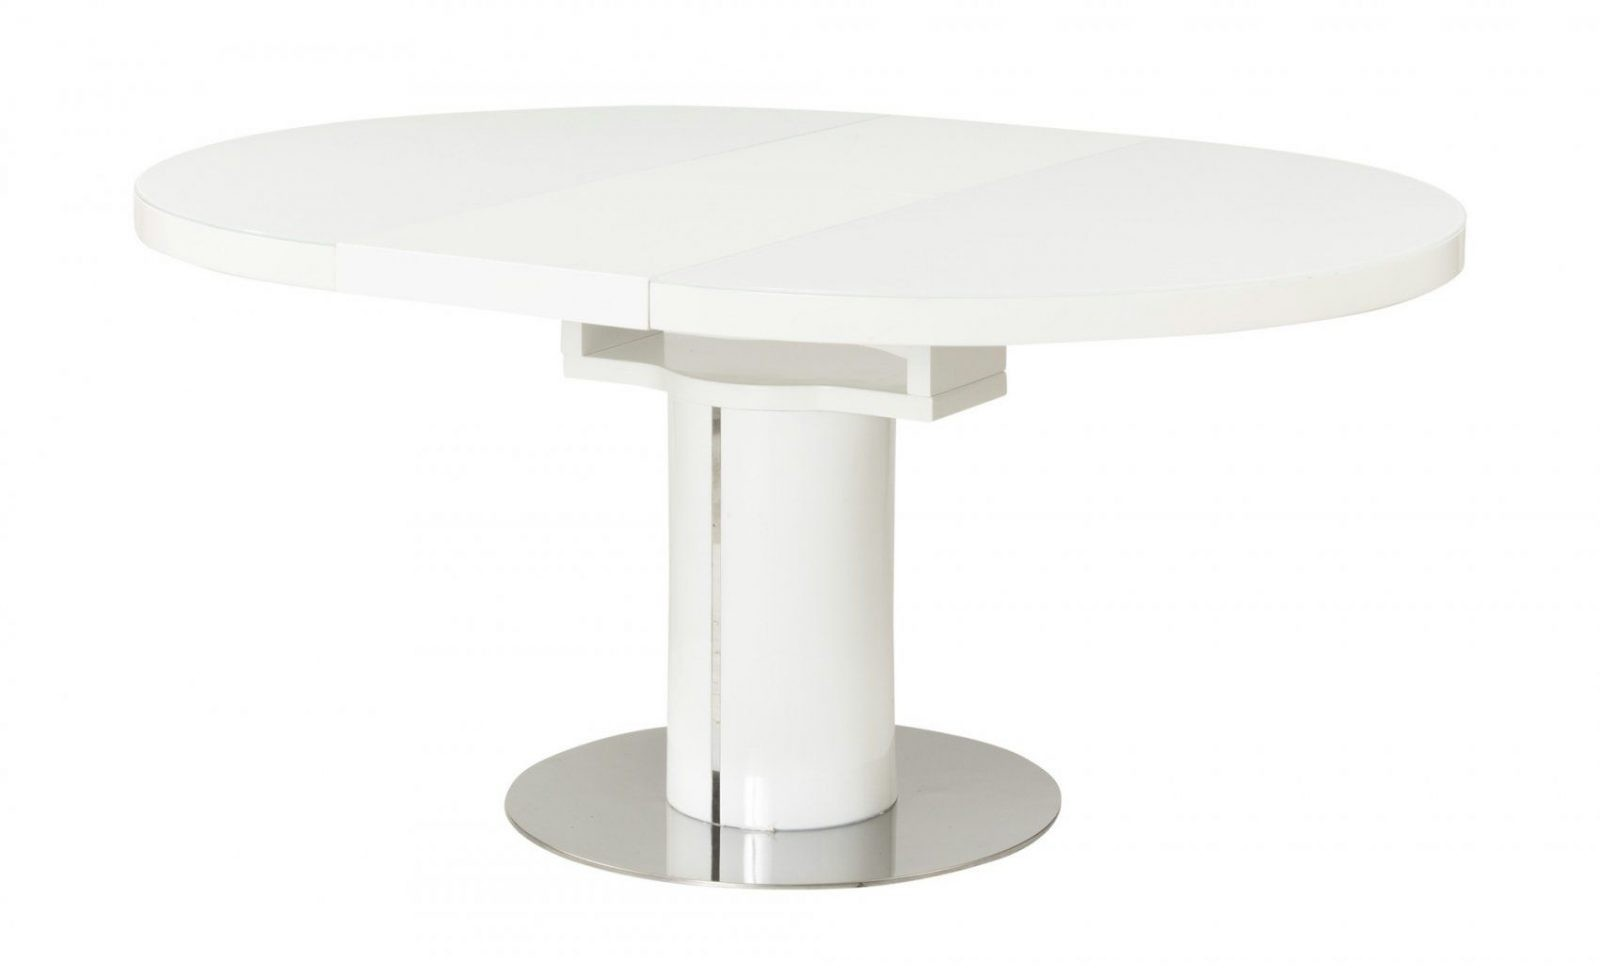 Tisch Weiss 80X80 Ausziehbar Interesting Full Size Of Esstisch von Esstisch Weiß Hochglanz 80X80 Ausziehbar Bild